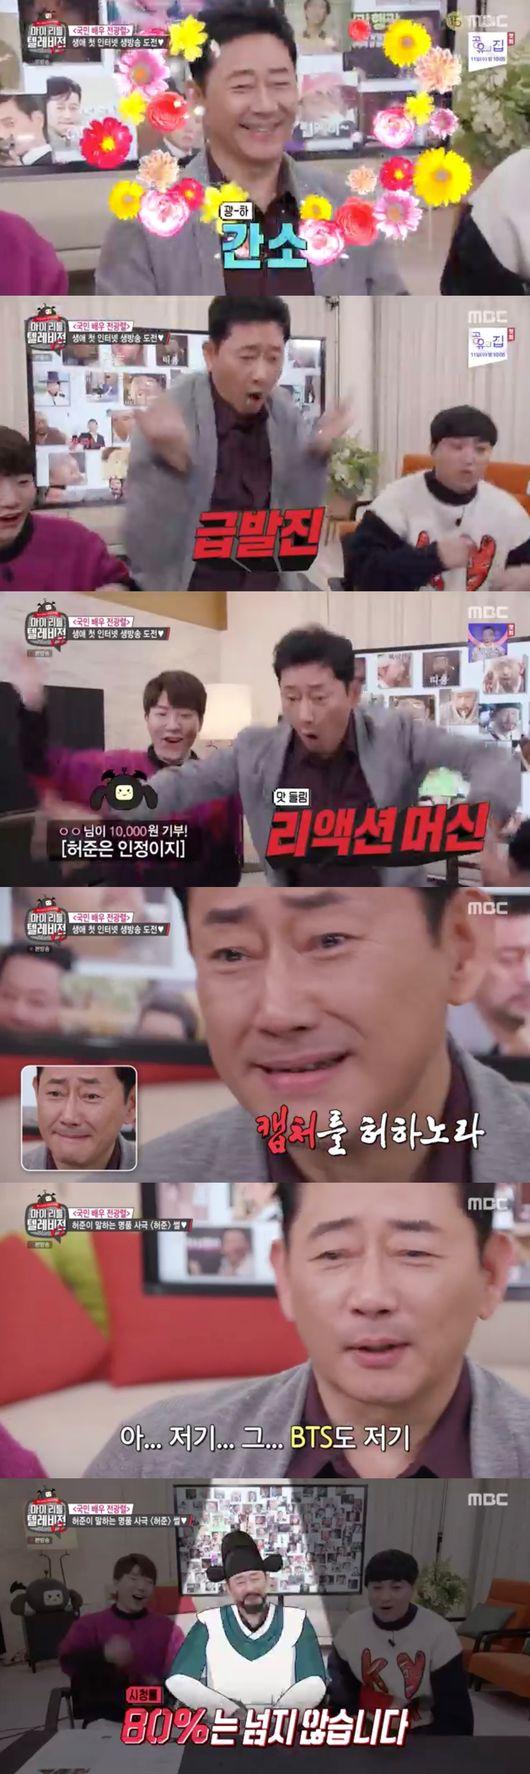 '마리텔V2' 전광렬, 배우계 BTS 출격 #허준 #짤부자 #리액션장인 [종합]